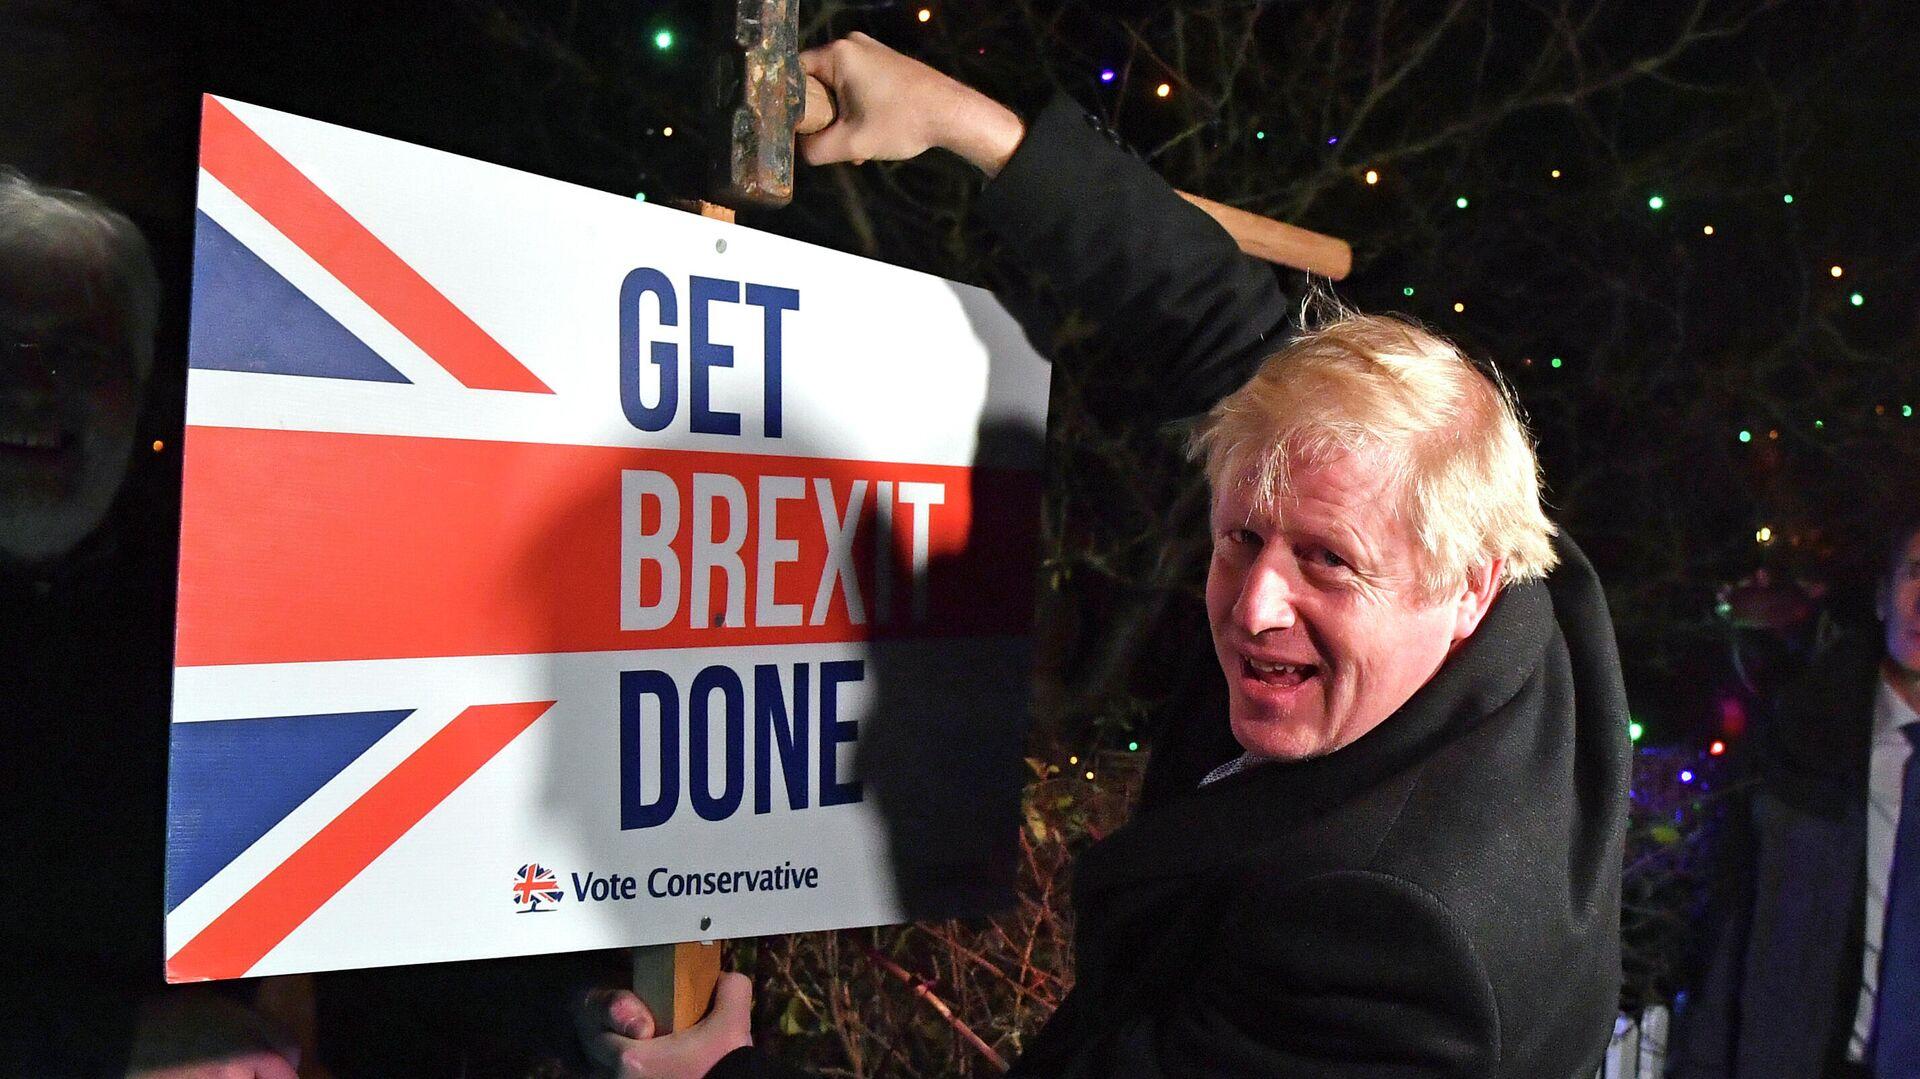 Премьер-министр Великобритании Борис Джонсон с табличкой Get Brexit Done - РИА Новости, 1920, 14.03.2021